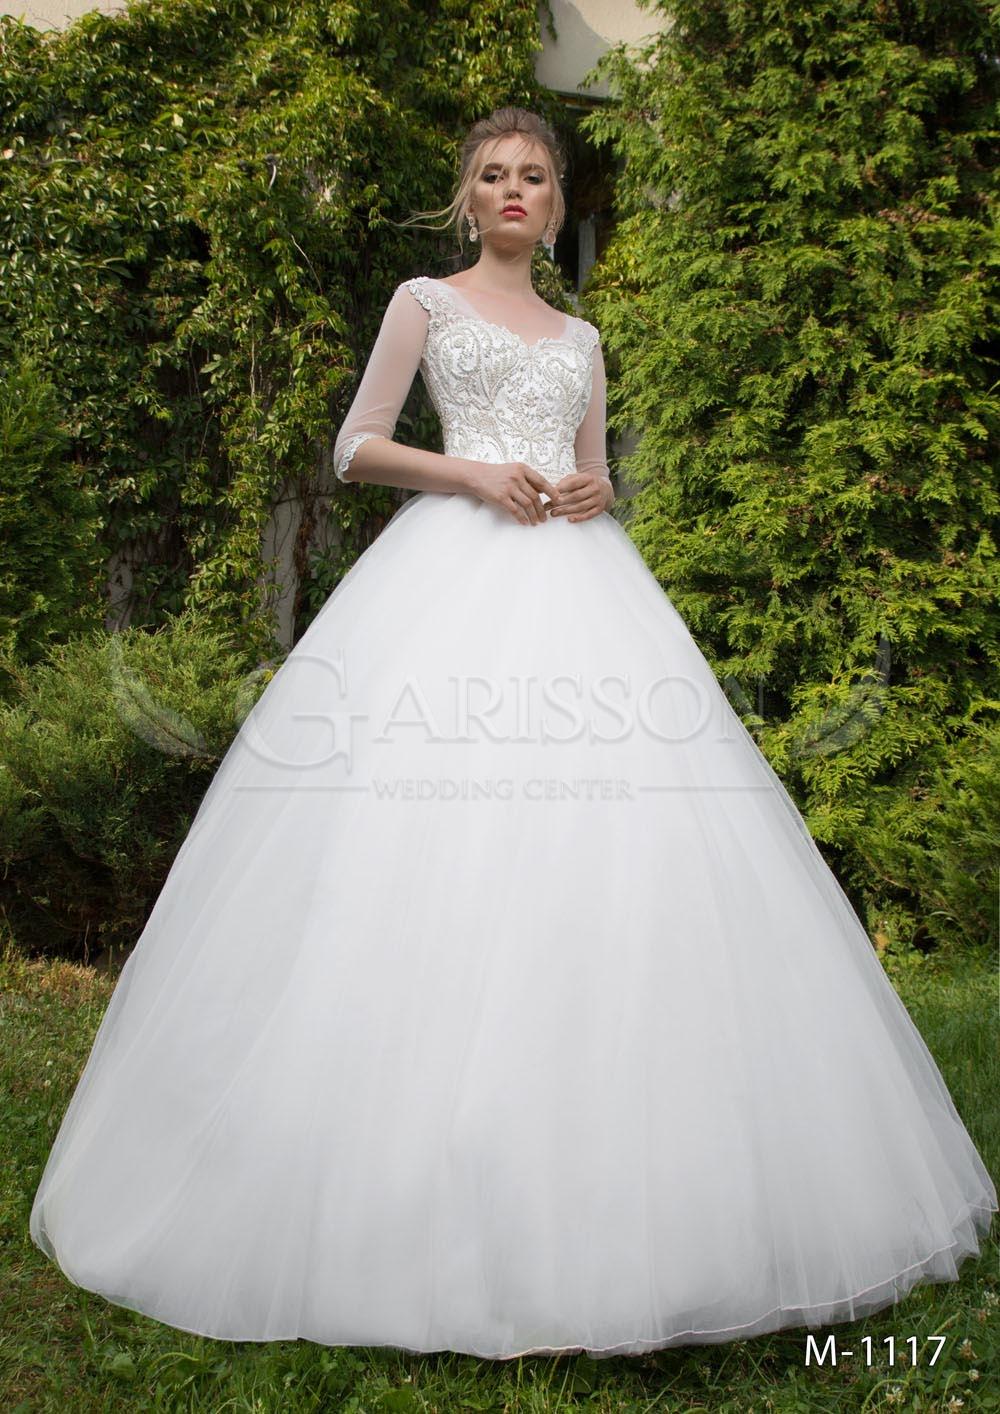 006952afedae Svadobné šaty M1117 - Garisson